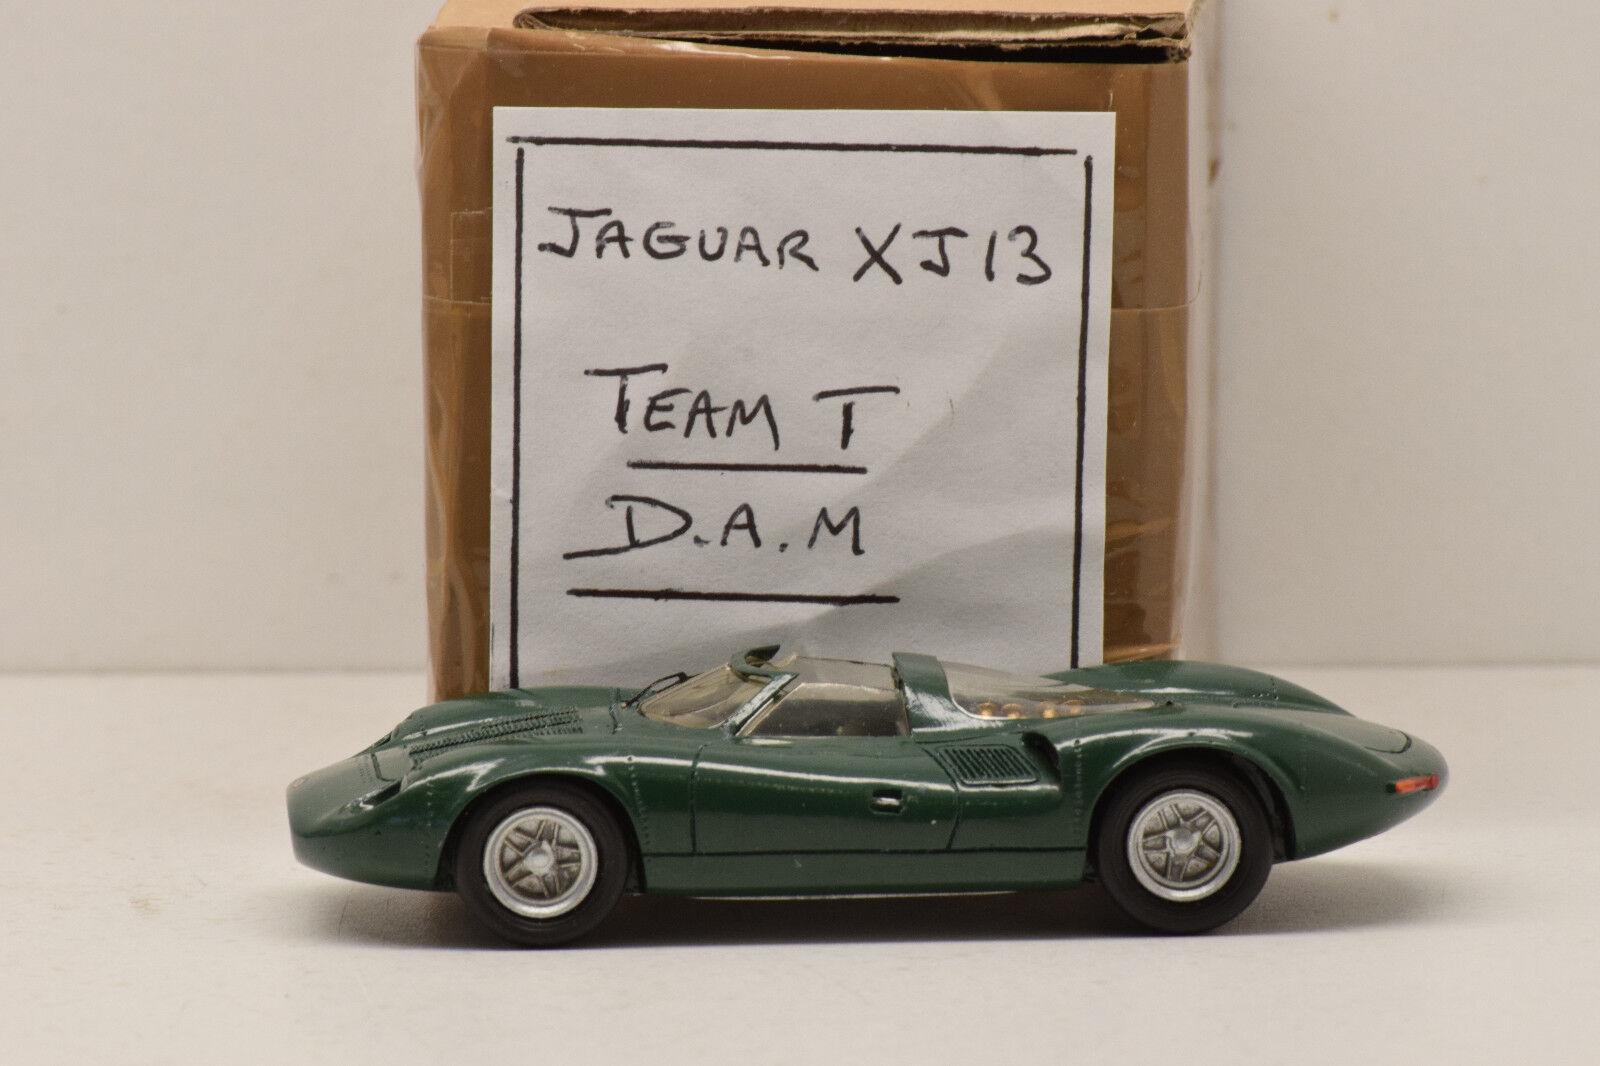 Kit jaguar montiert xj13 team t d.a.m. 1   43 minze